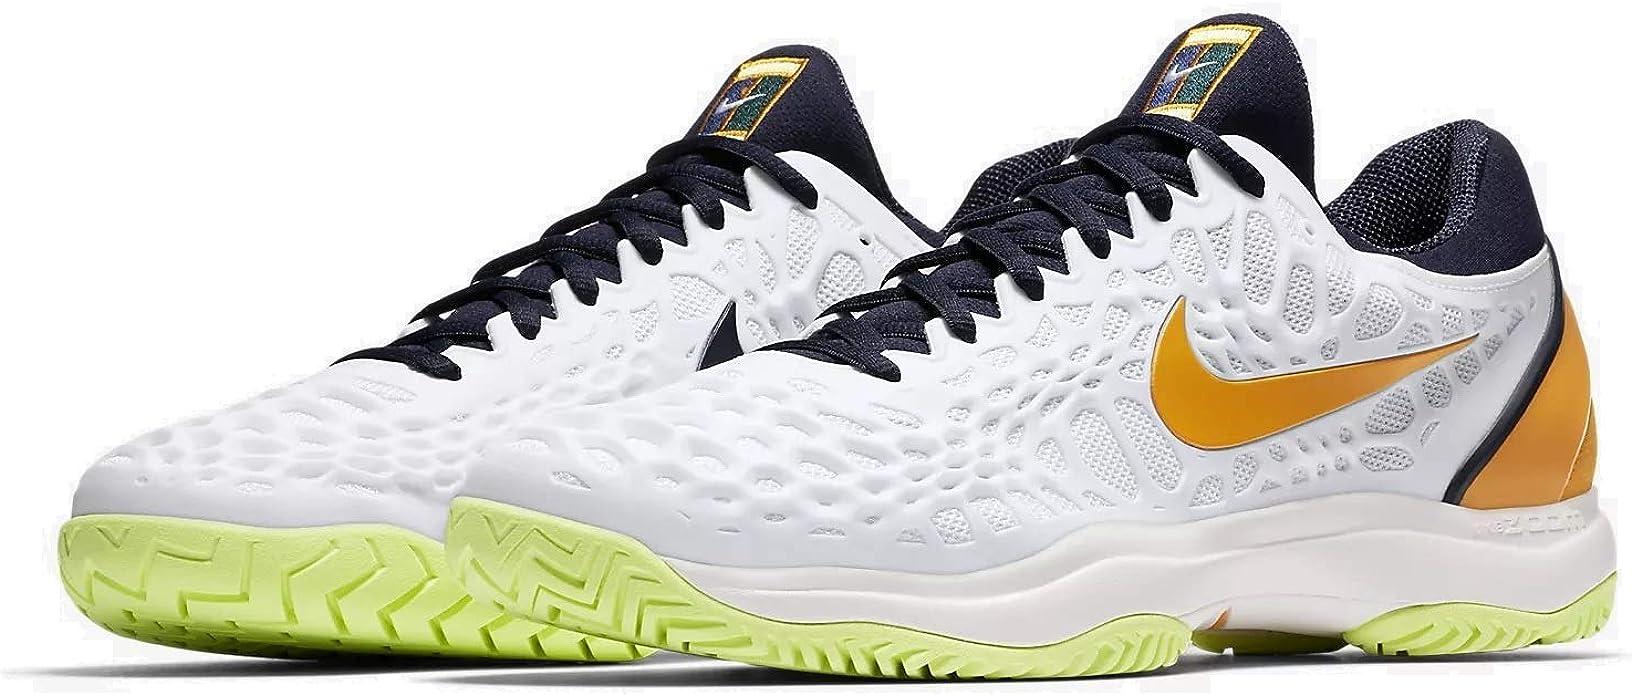 Nike Air Zoom Cage 3 HC, Zapatillas para Hombre, Multicolor (White/Orange Peel/Blackened Blue/Phantom 180), 44.5 EU: Amazon.es: Zapatos y complementos